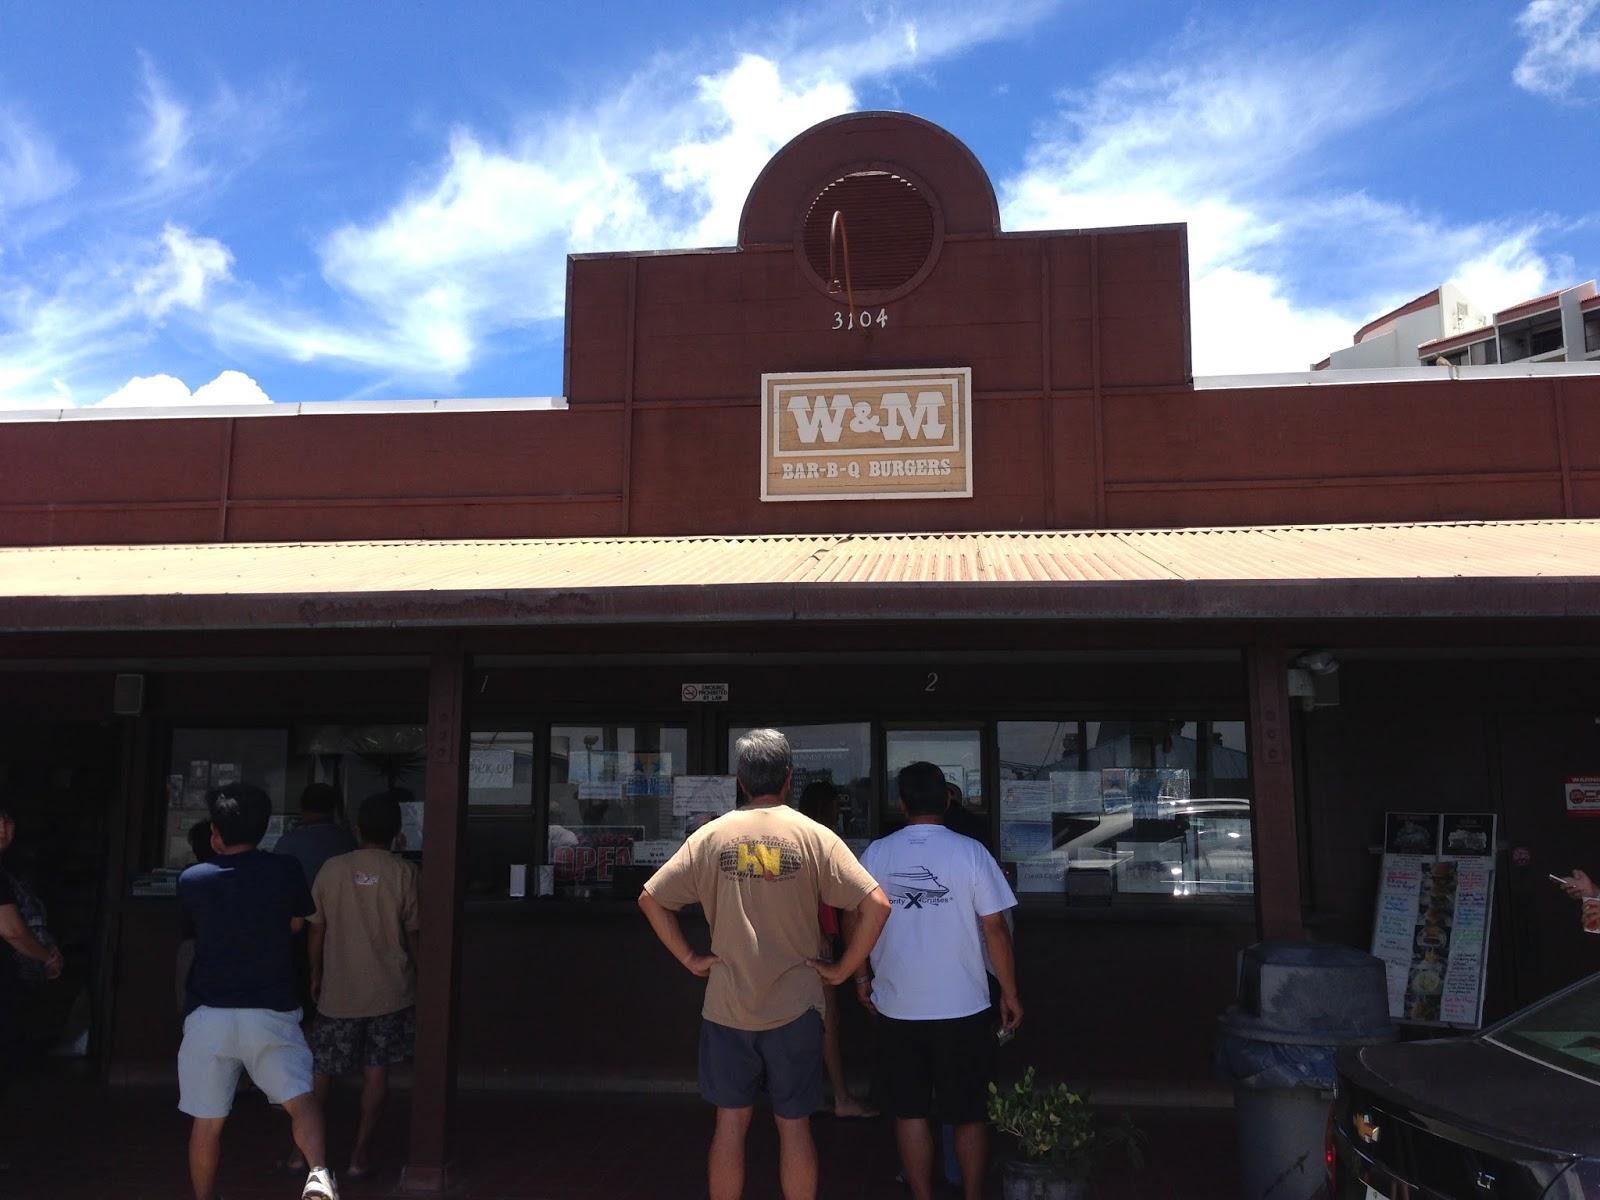 TASTE OF HAWAII: W&M BAR-B-Q BURGERS